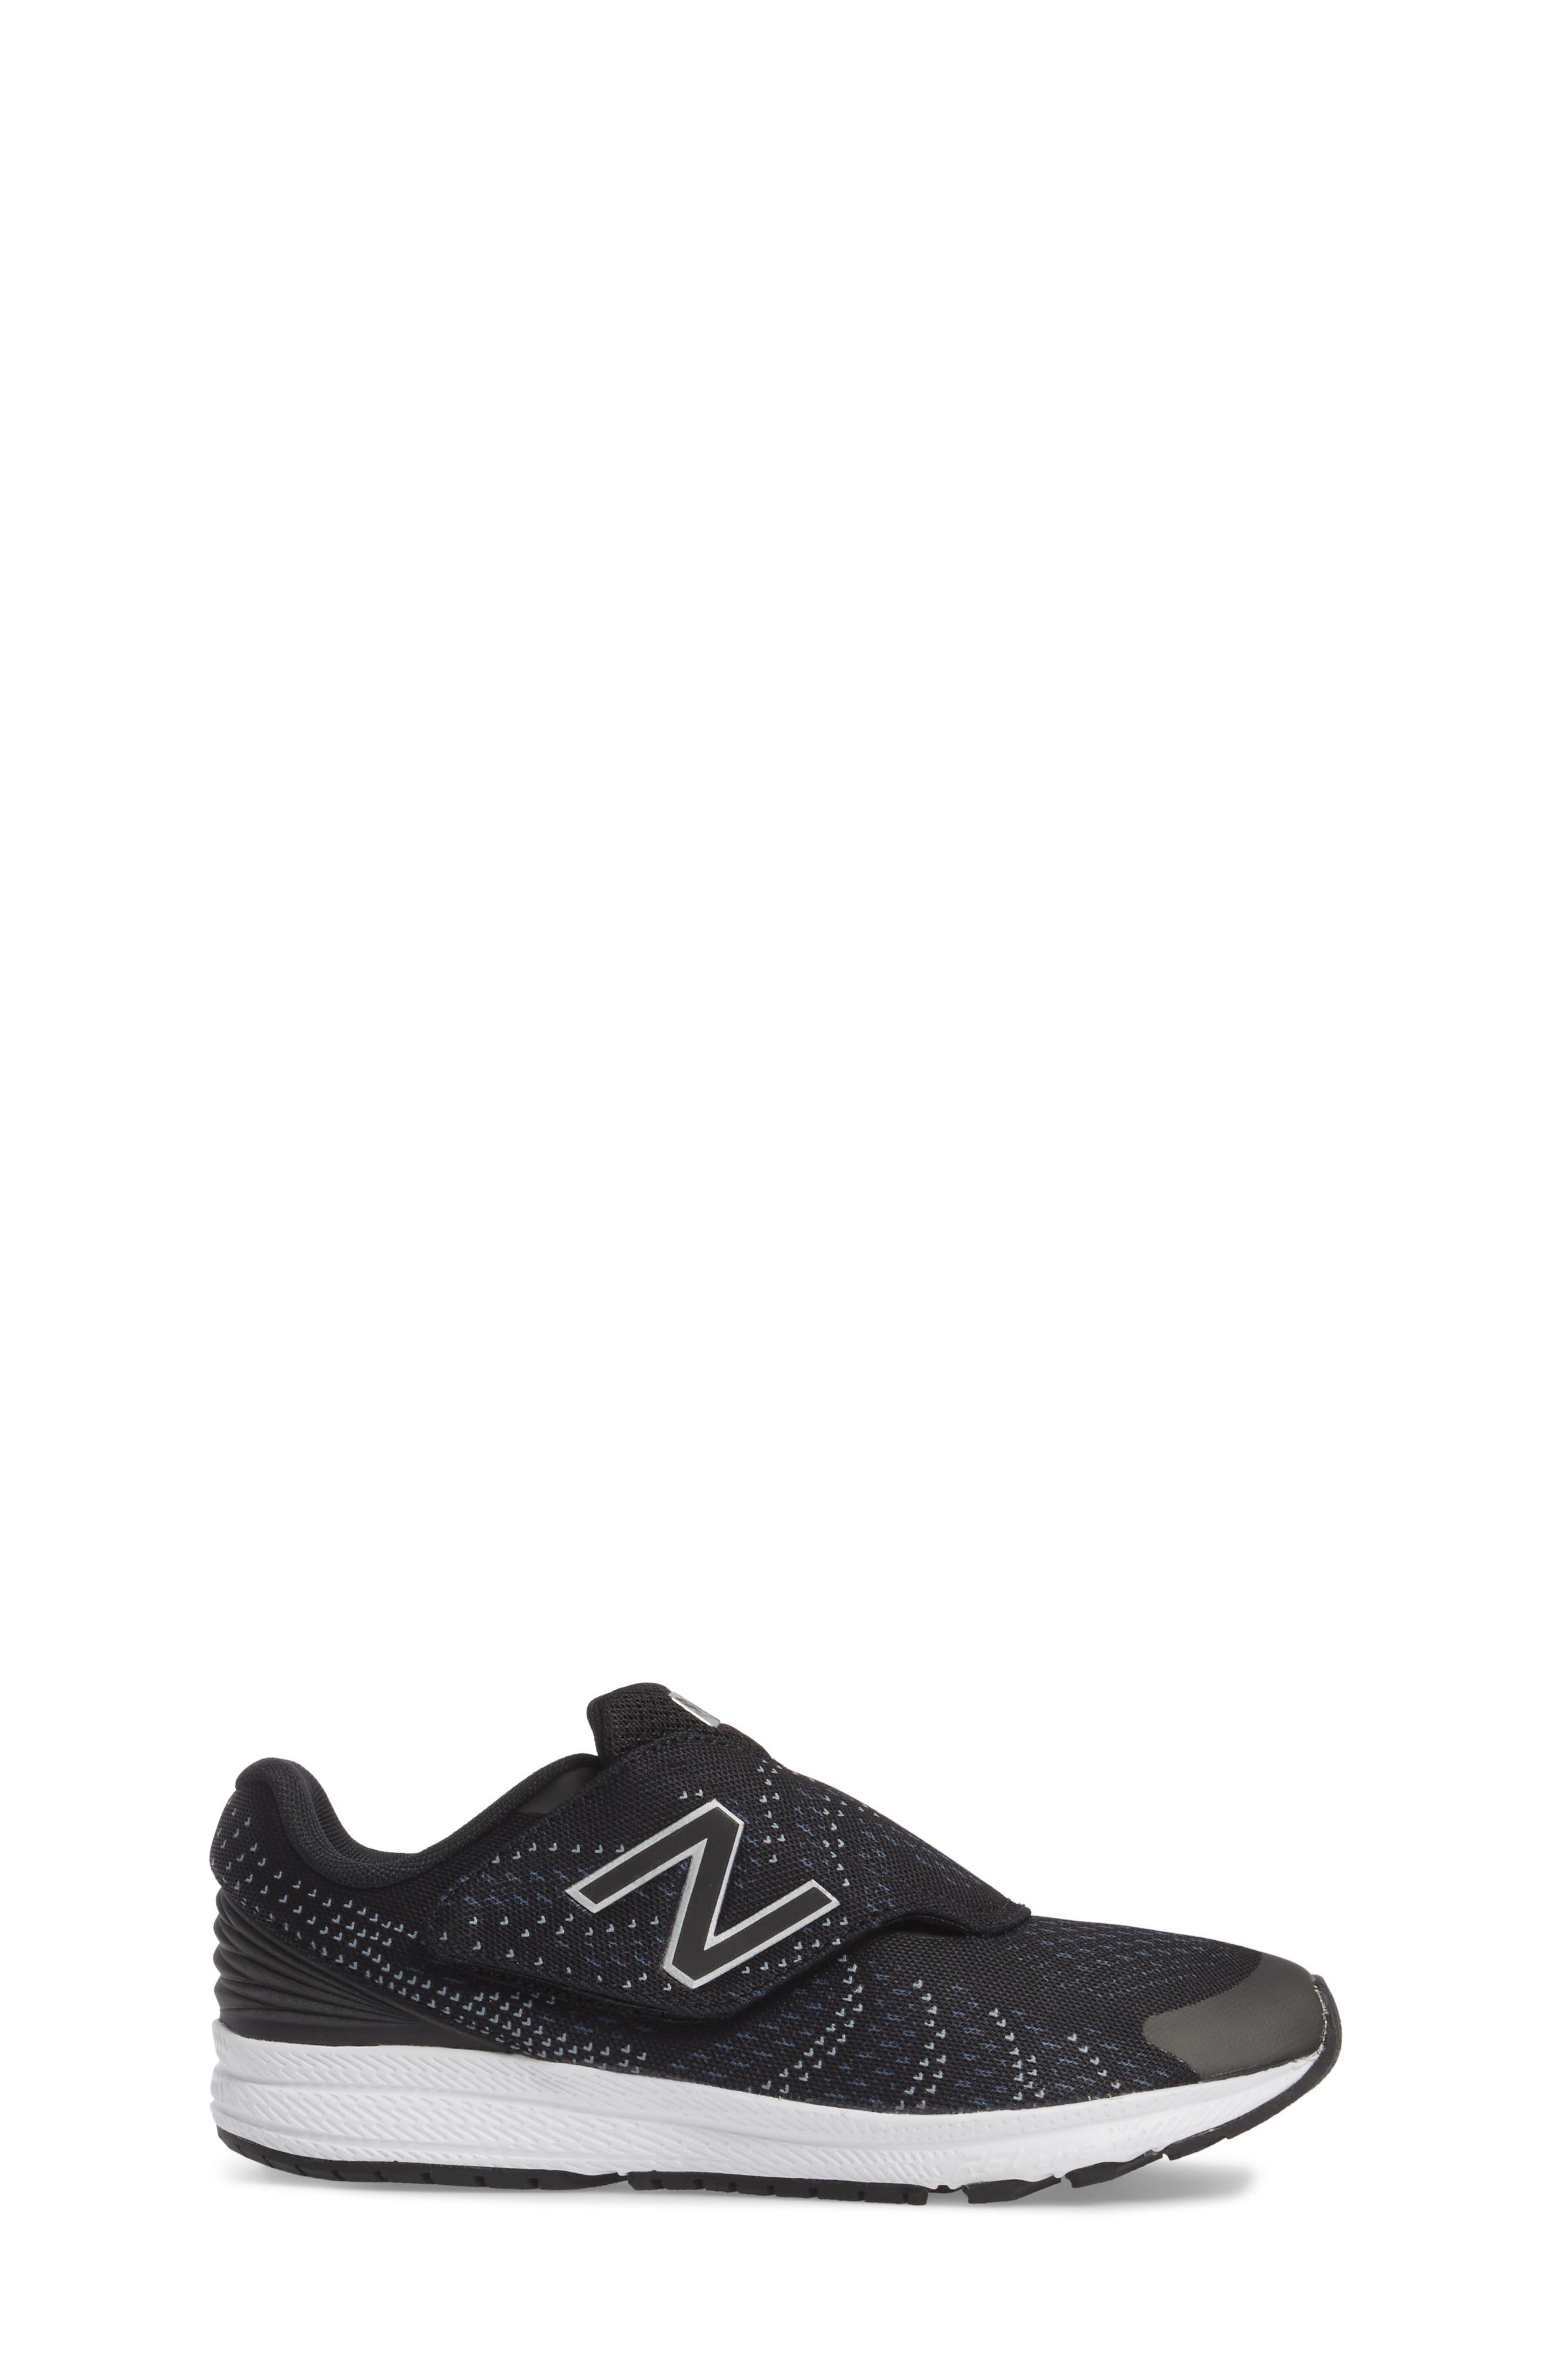 FuelCore Rush v3 Sneaker,                             Alternate thumbnail 3, color,                             003